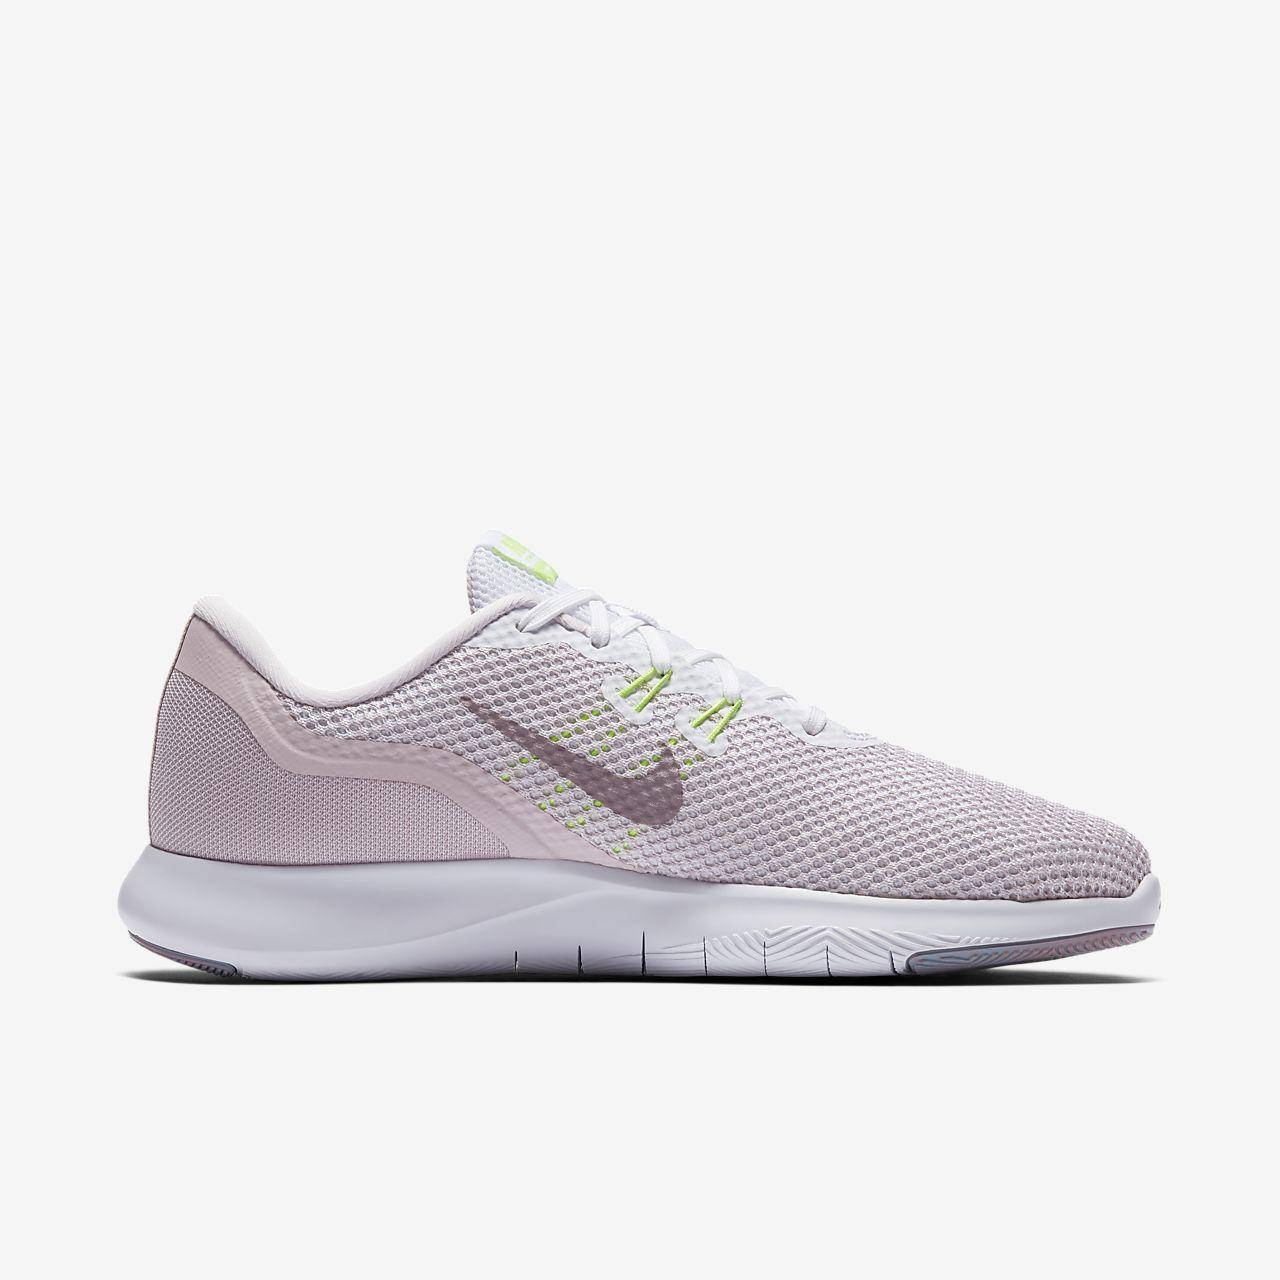 Chaussure 7 De Nike Trainer Flex Et FitnessDanse Pour Femme Aérobic oCxrdBe